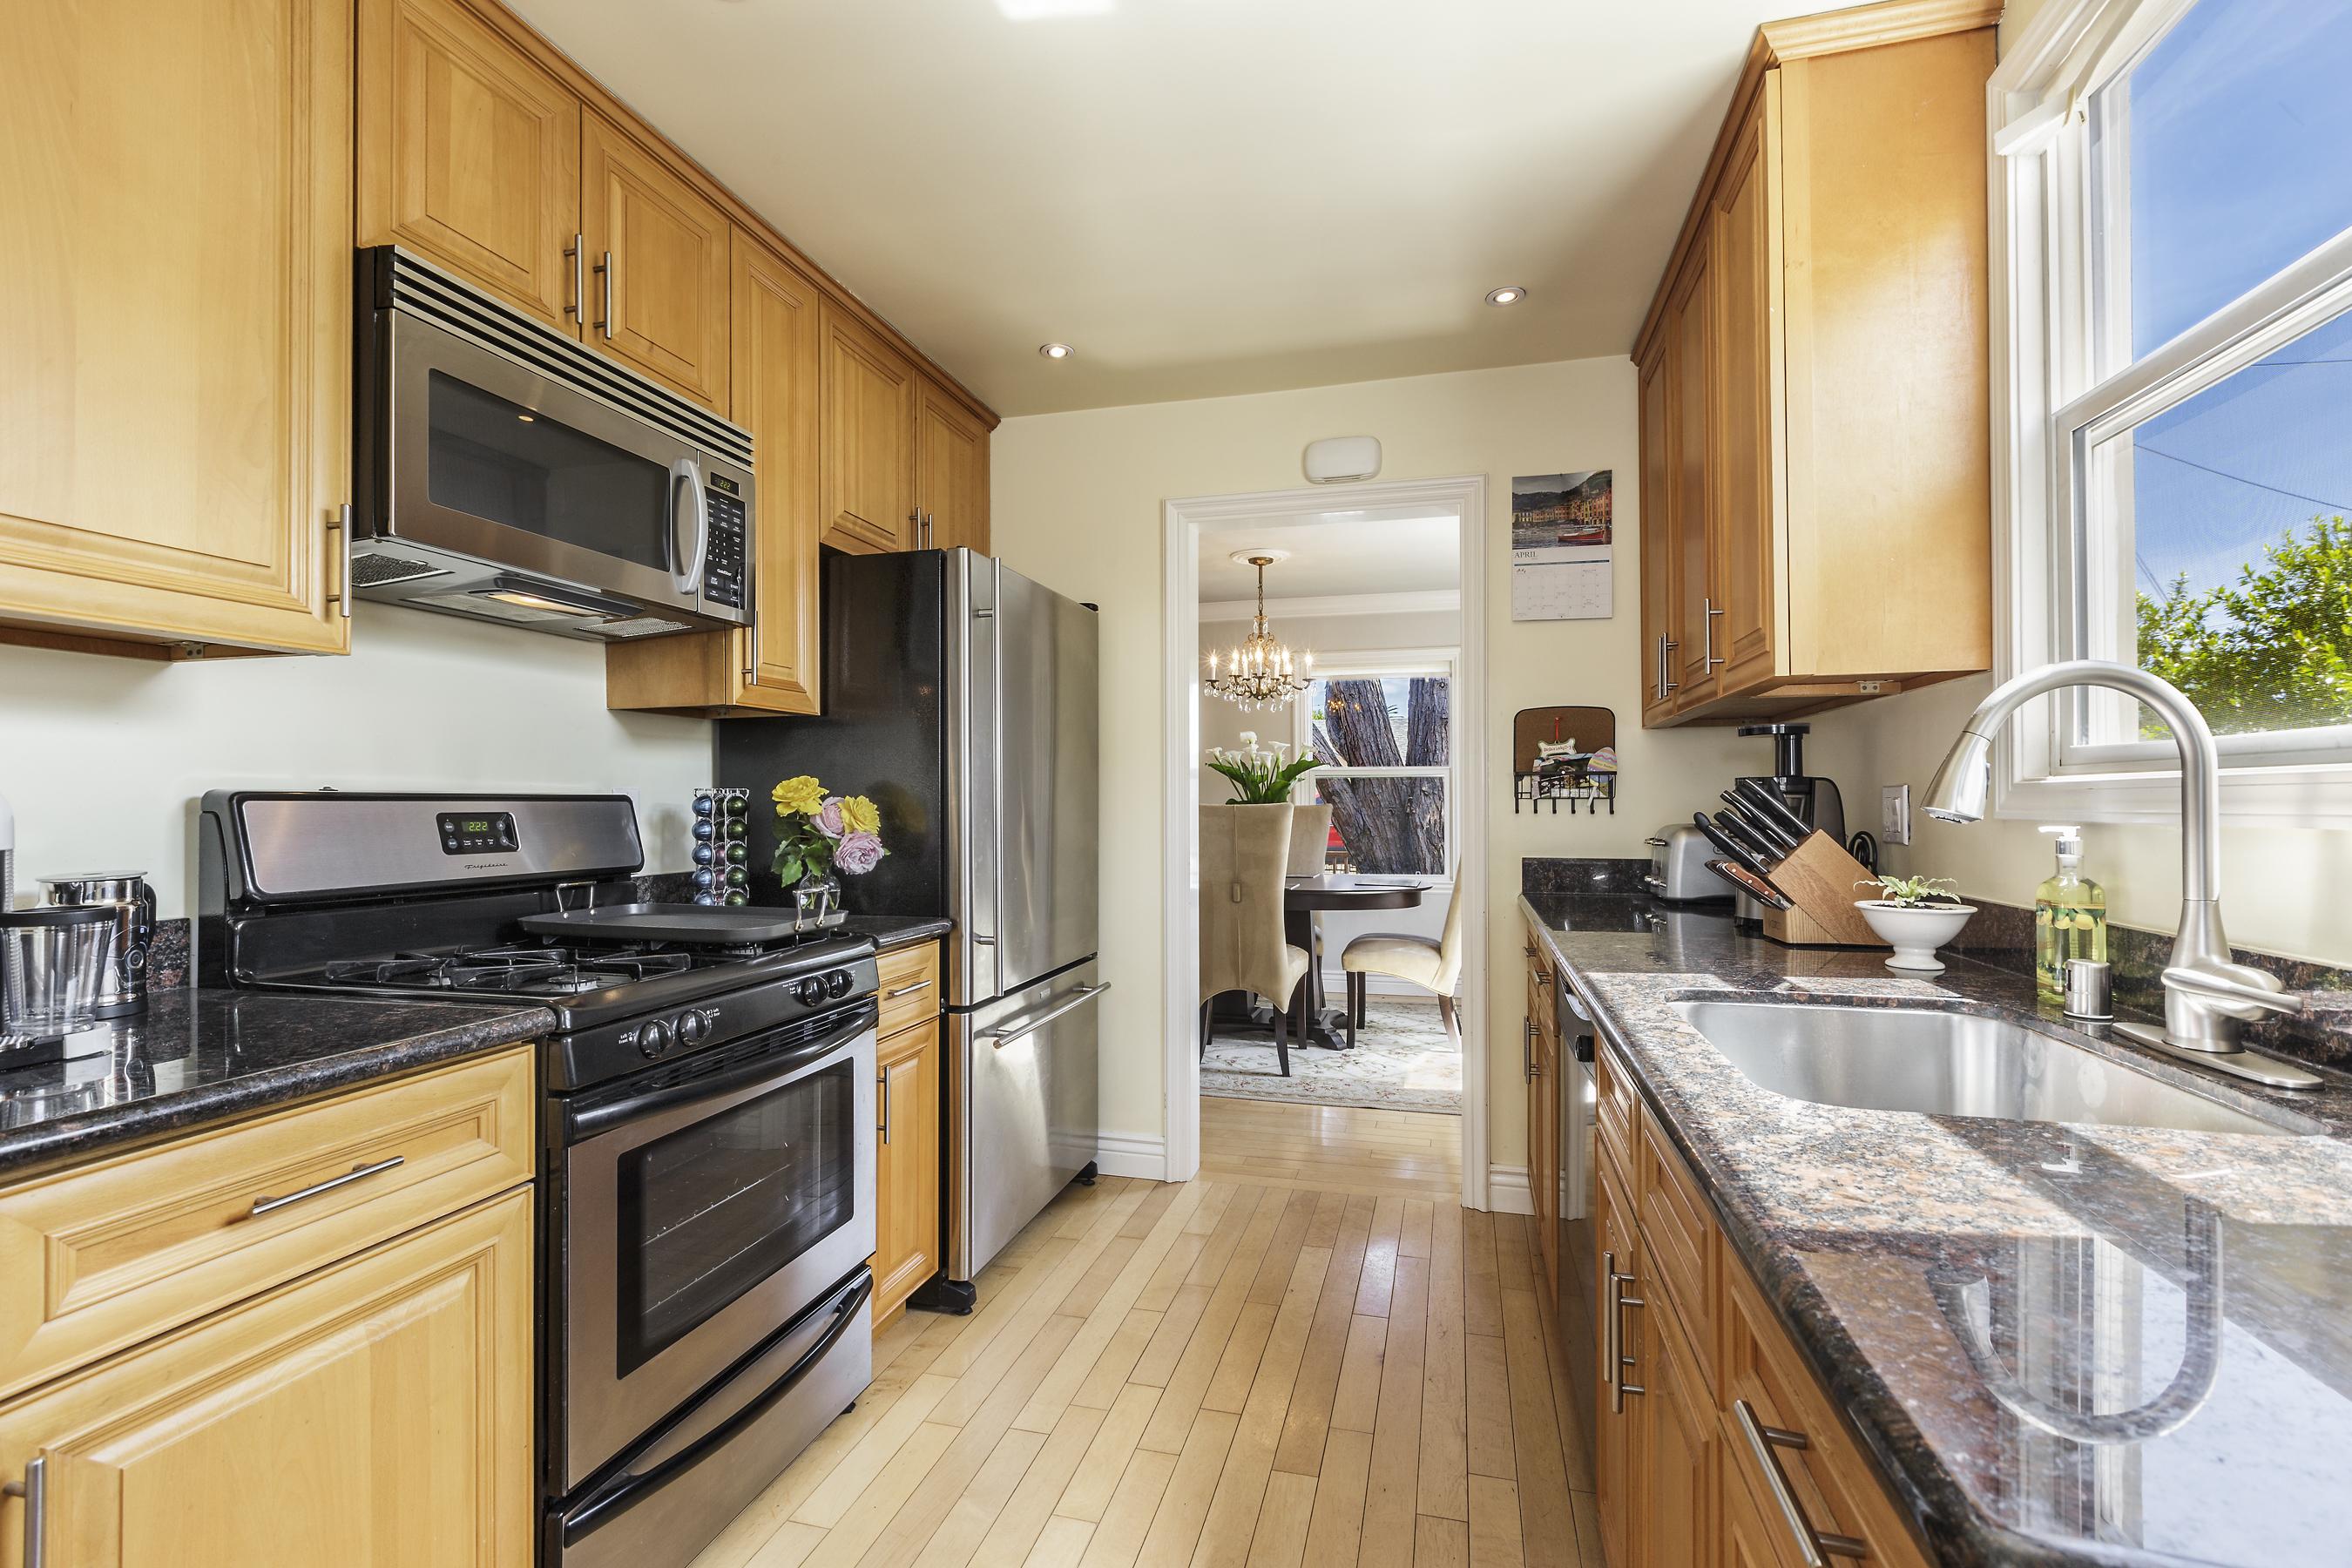 09-123-B-st-kitchen-high-res